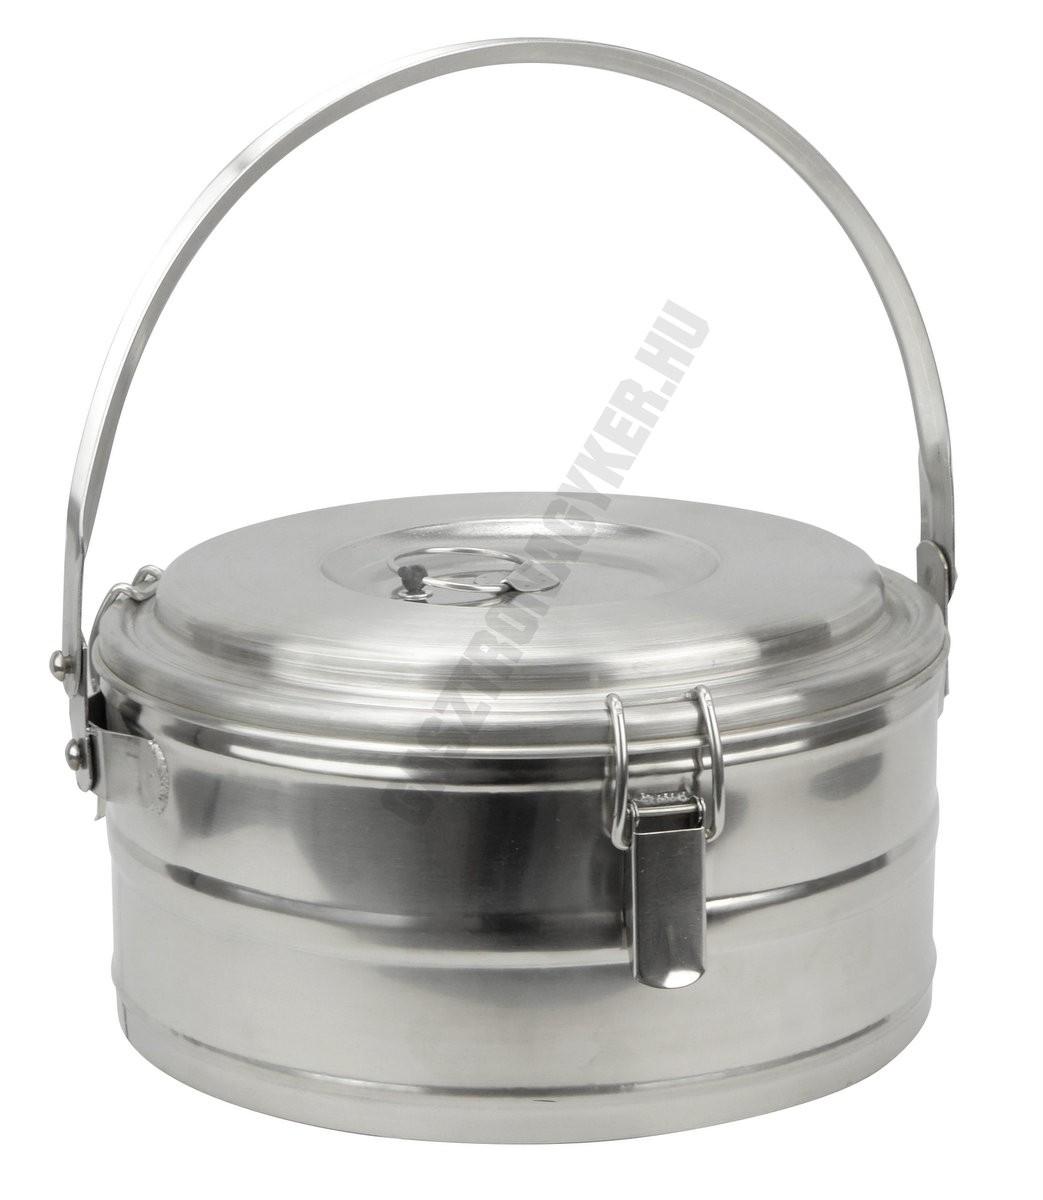 Badella, ételszállító, 5 liter, duplafalú, 30×17 cm, rozsdamentes